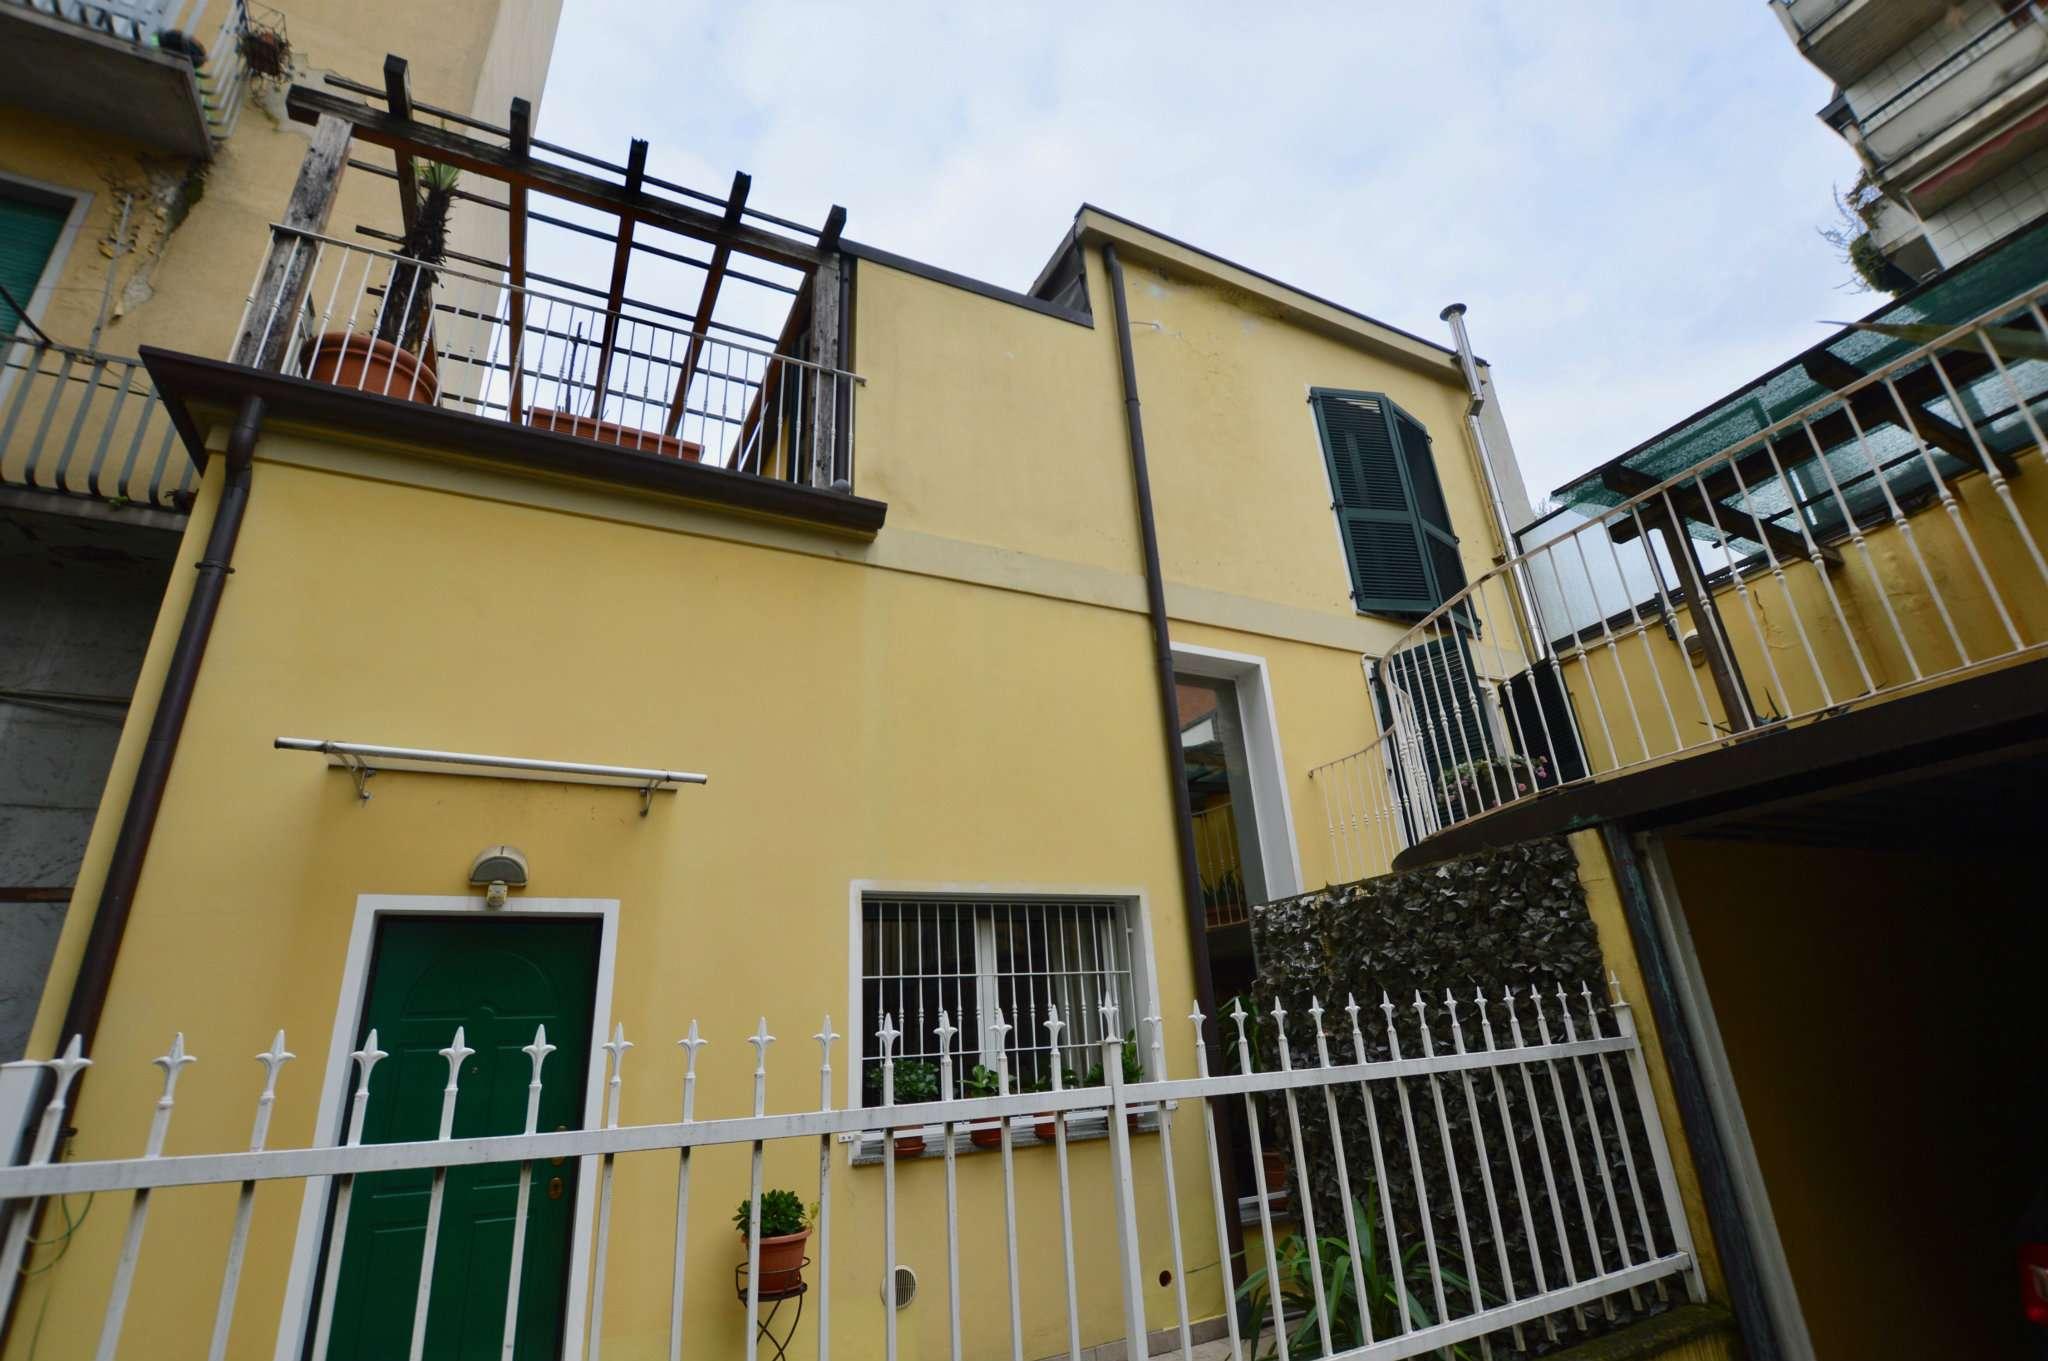 Villa in Vendita a Milano 06 Italia / Porta Romana / Bocconi / Lodi: 4 locali, 195 mq